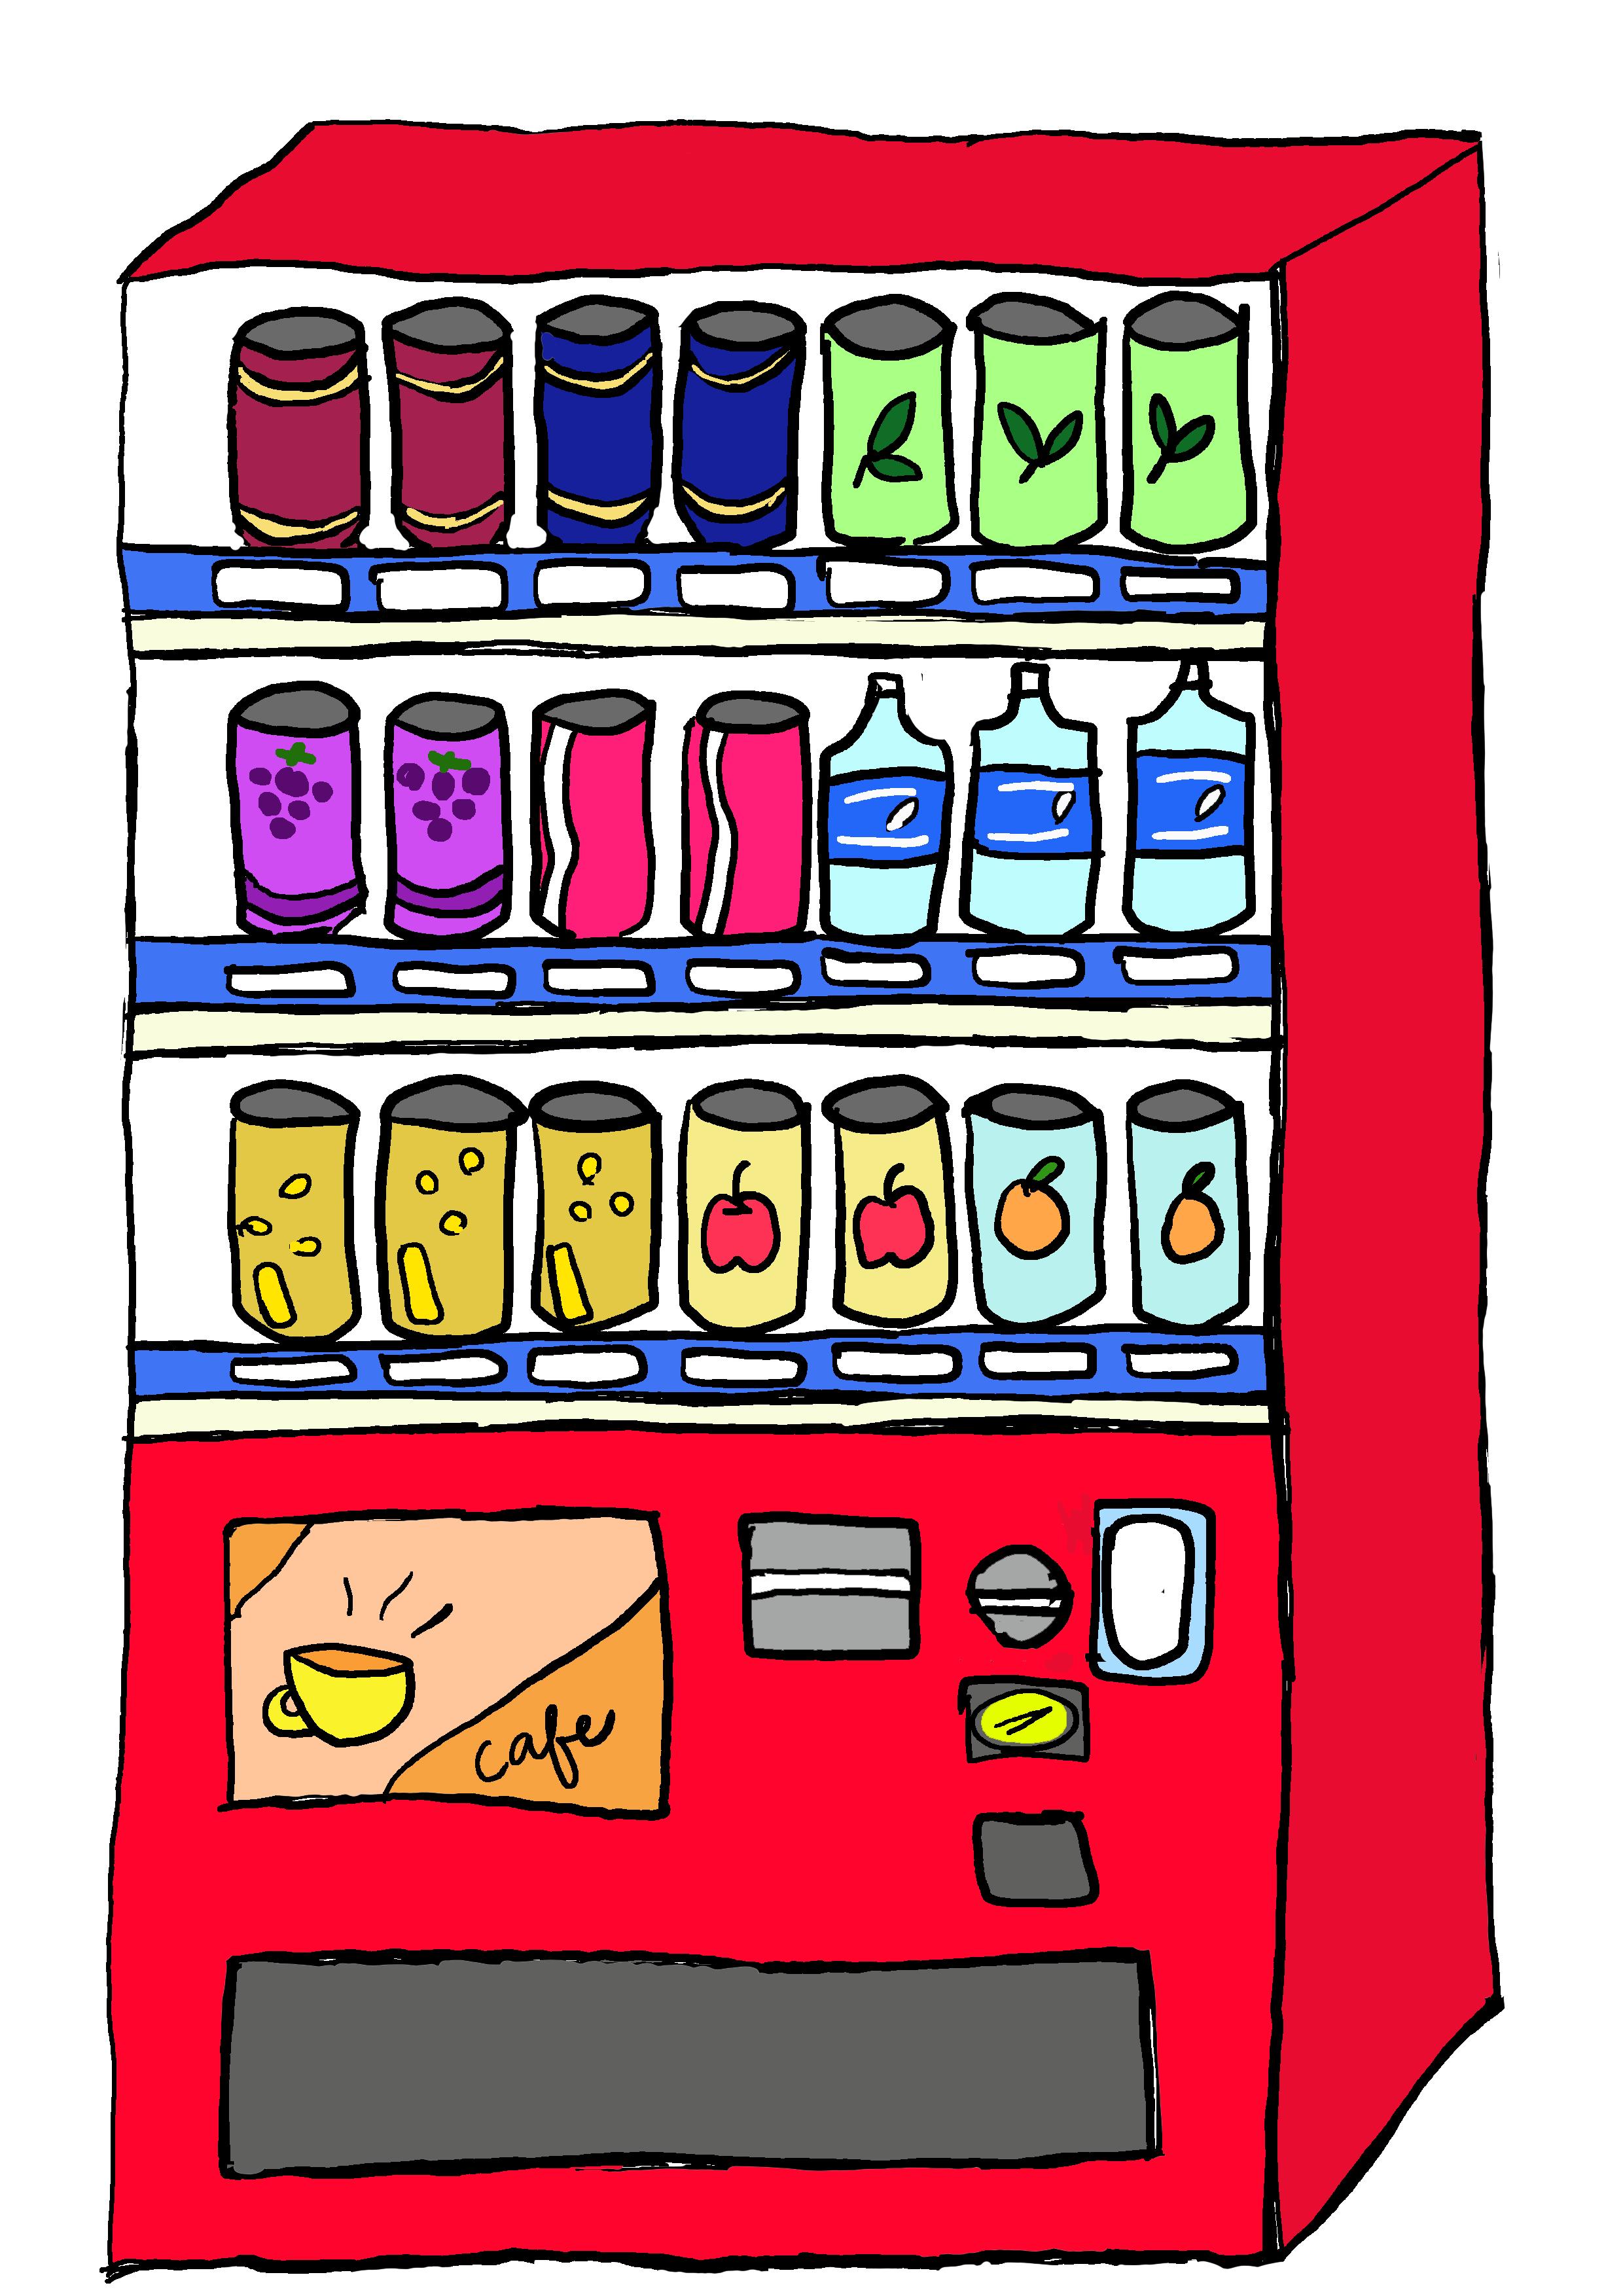 商用フリーイラスト【自動販売機】